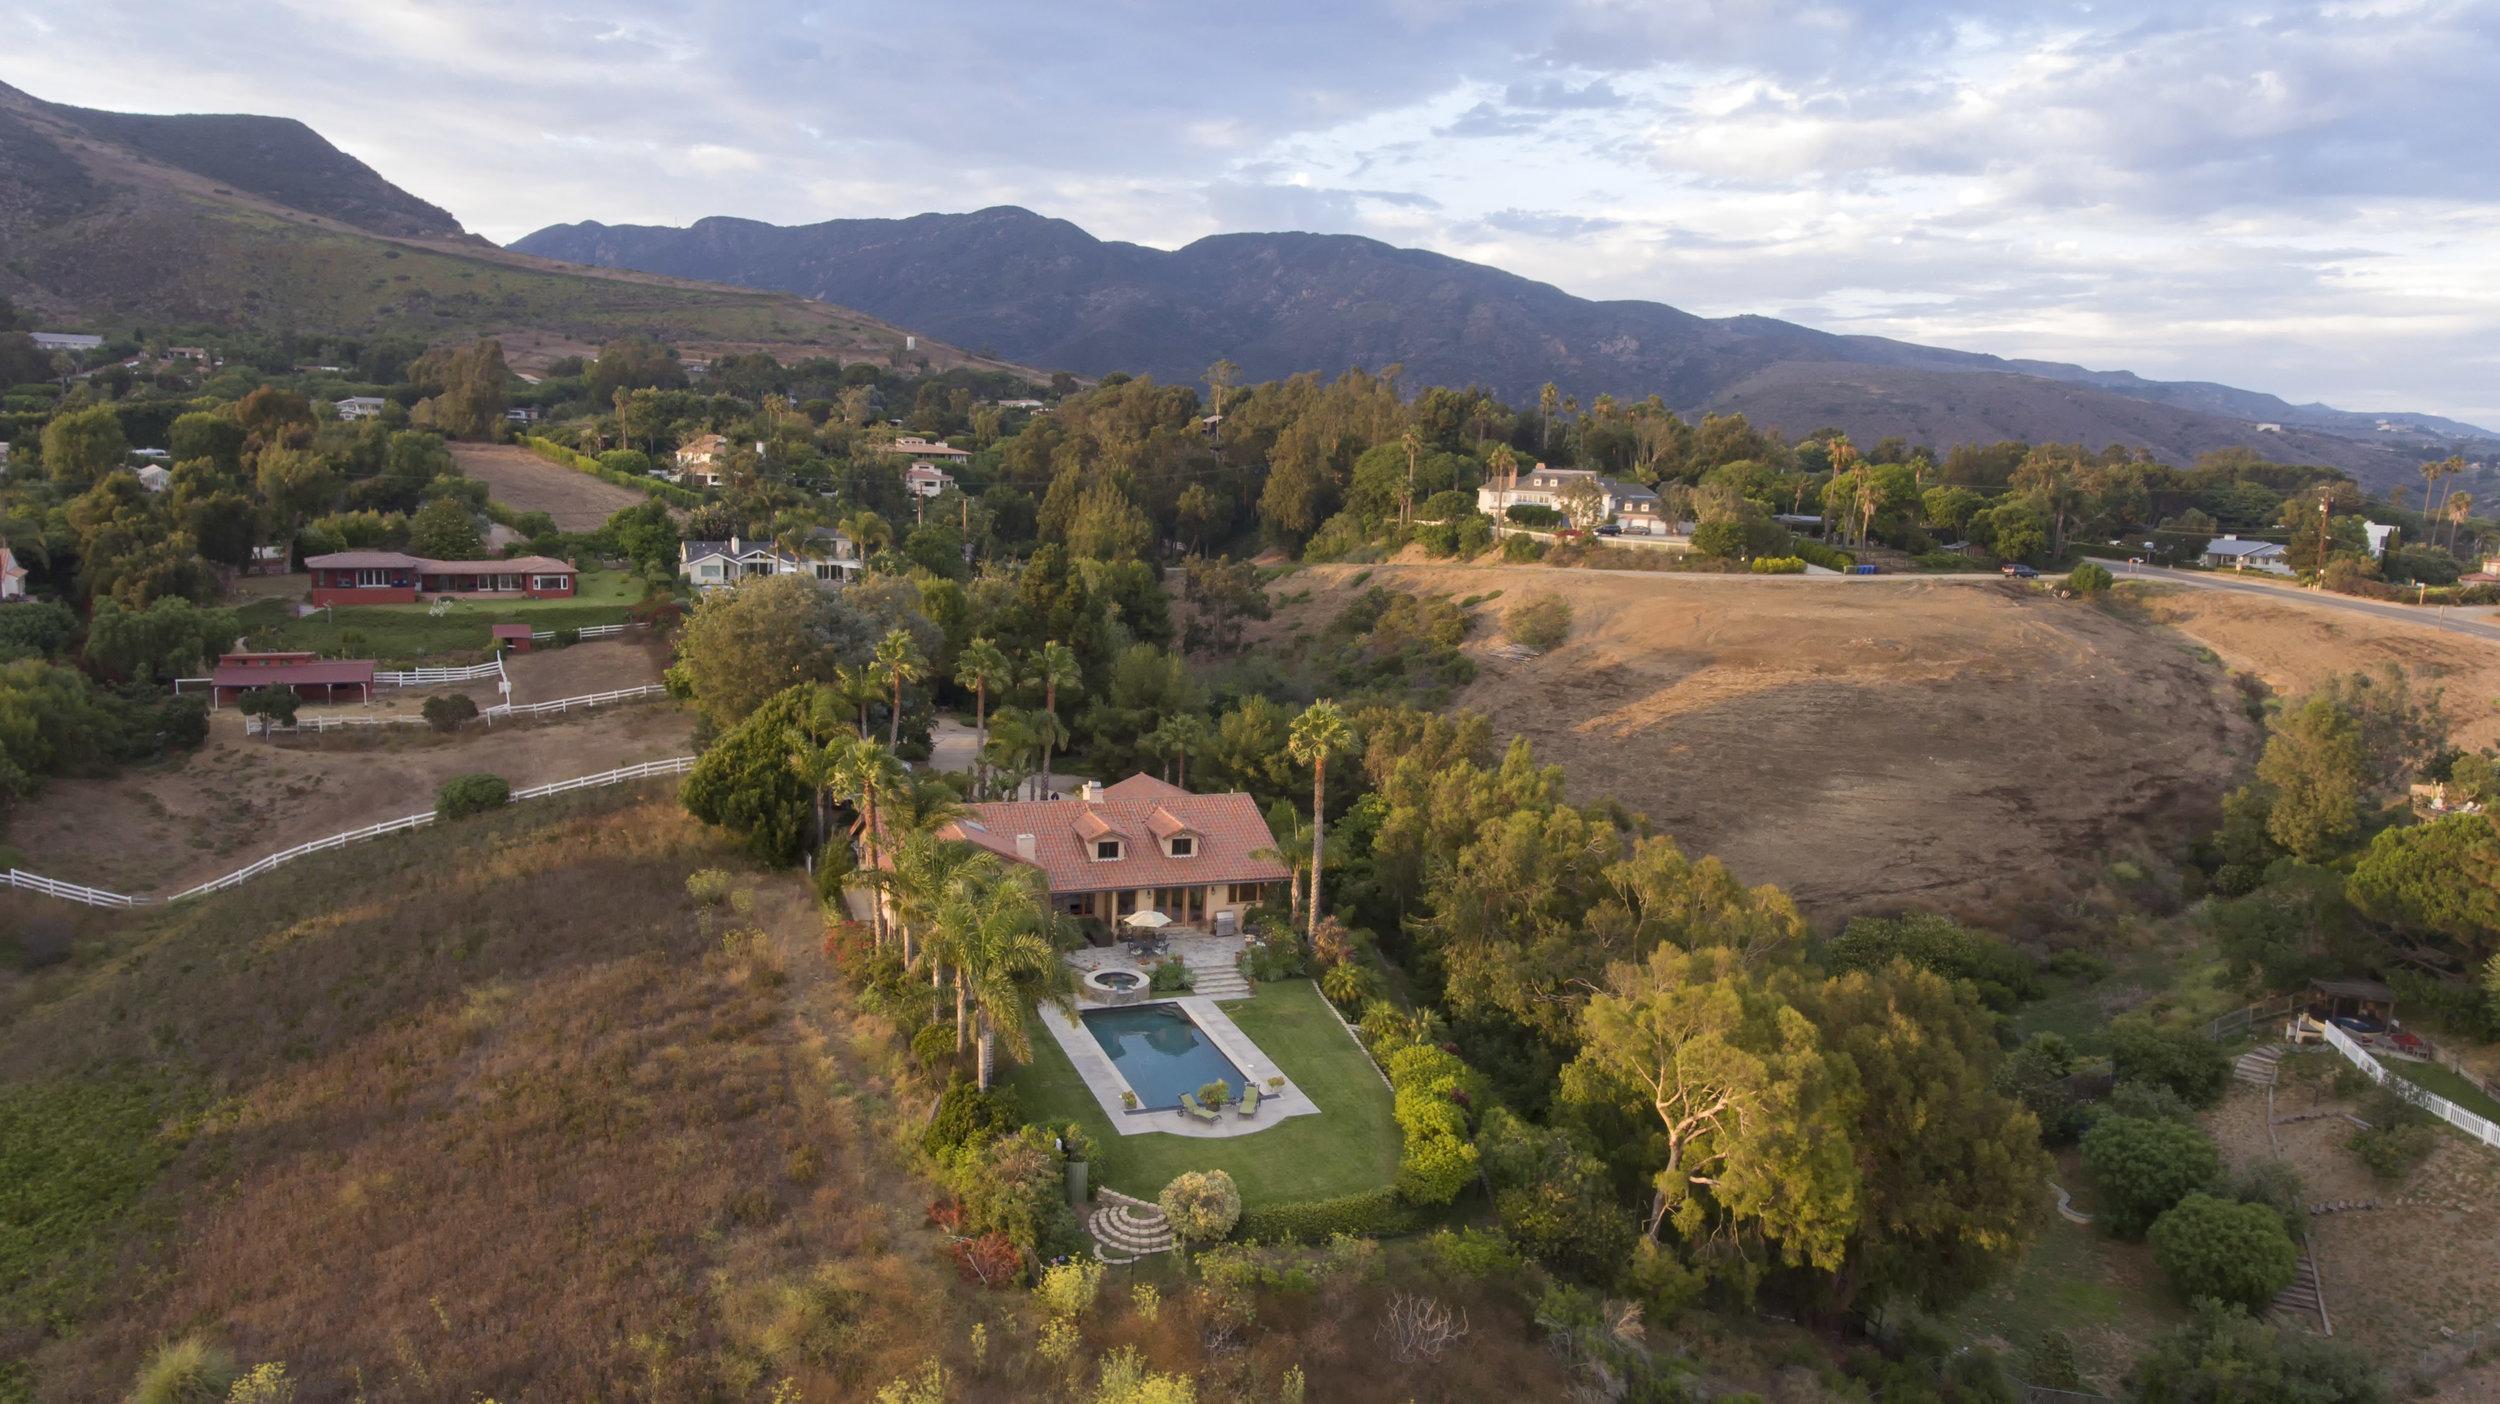 033 aerial 29660 Harvester Road Malibu For Sale The Malibu Life Team Luxury Real Estate.jpg